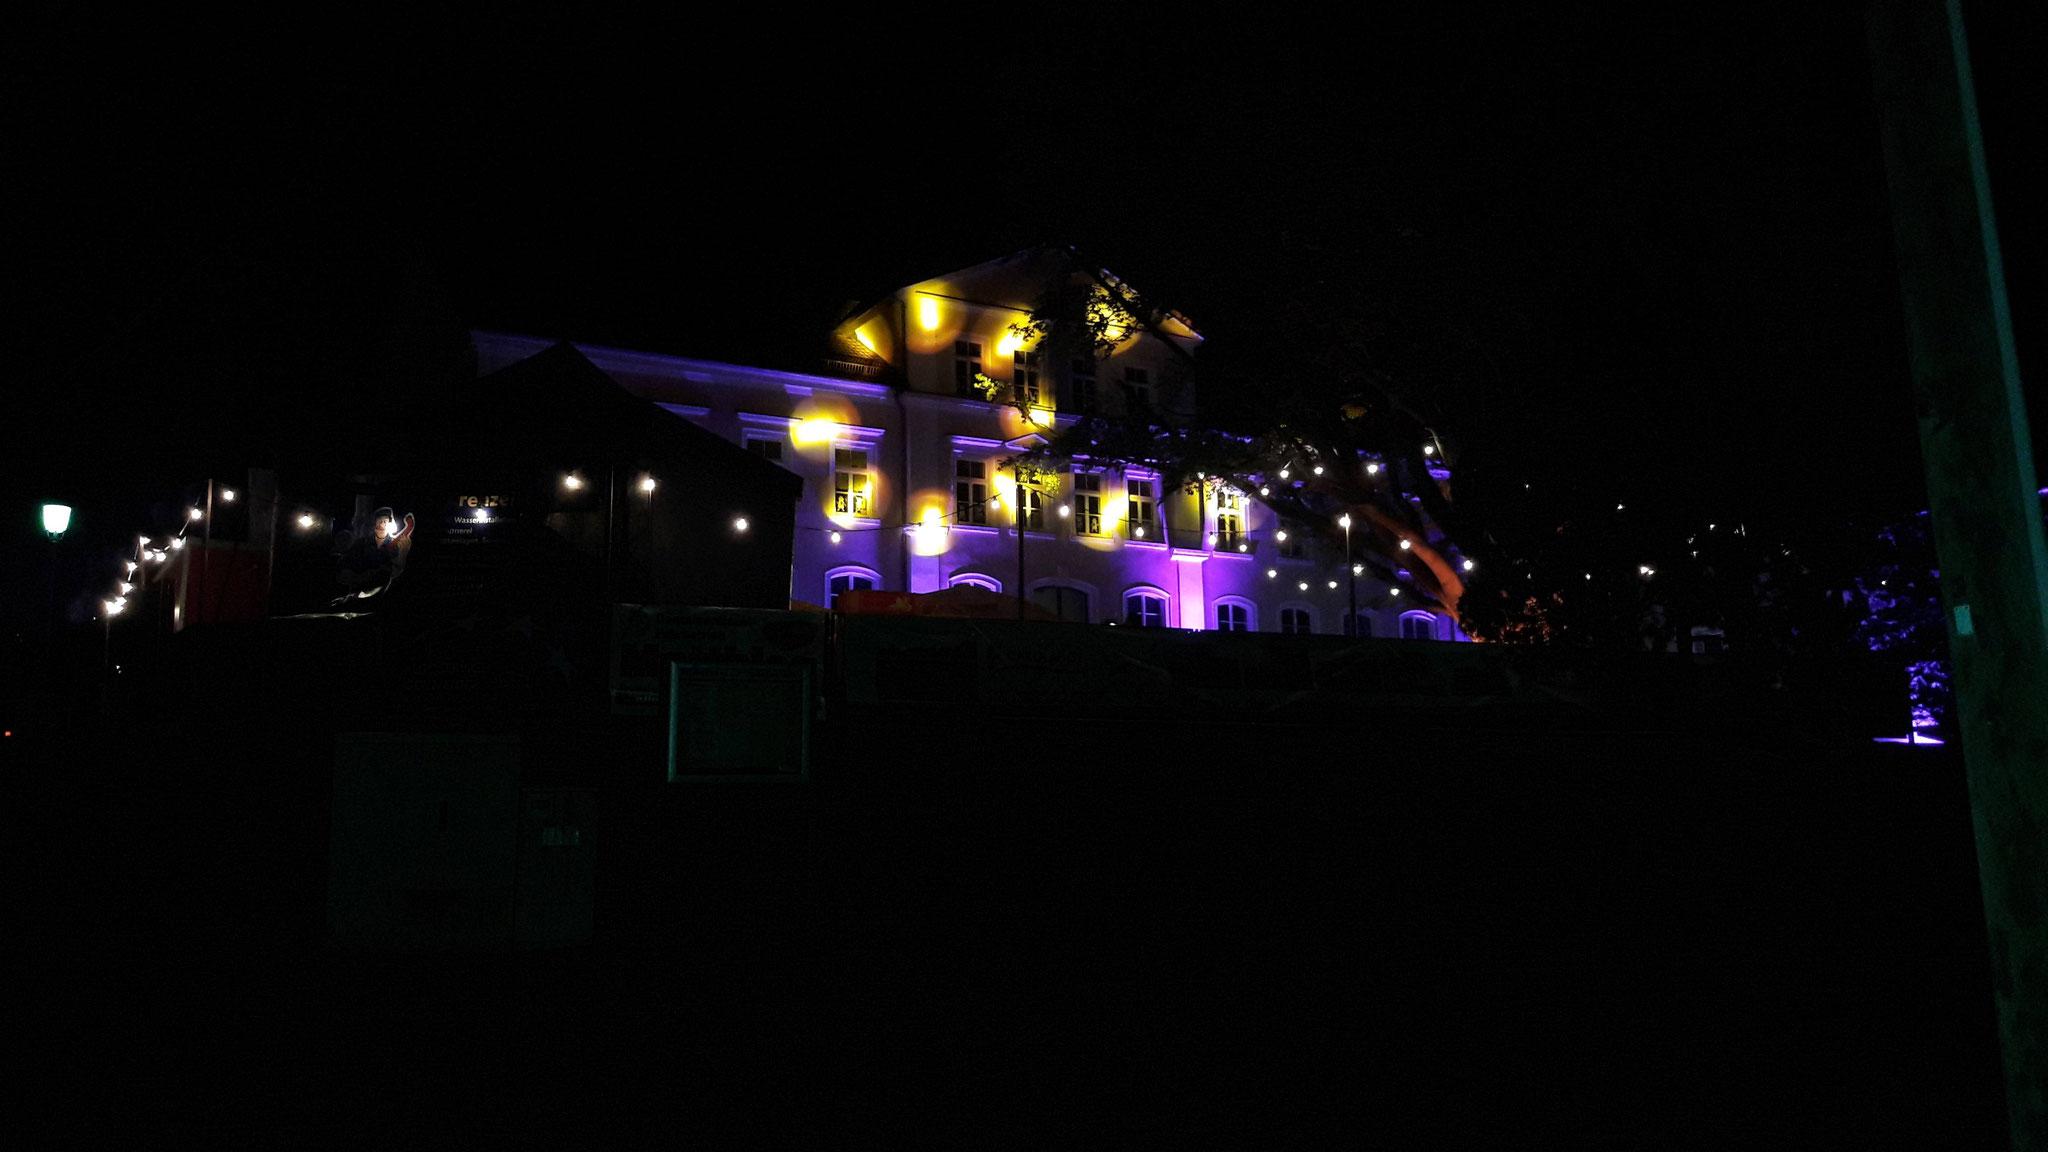 Im passenden Licht eingetaucht startete die Coverband Freigeist dann das Abendprogramm auf dem sehr gut gefülltem Schulhof. Mit dem gesponsertem Feuerwerk von Weco und chilliger Musik fand auch der Samstag so langsam seinen Ausklang.